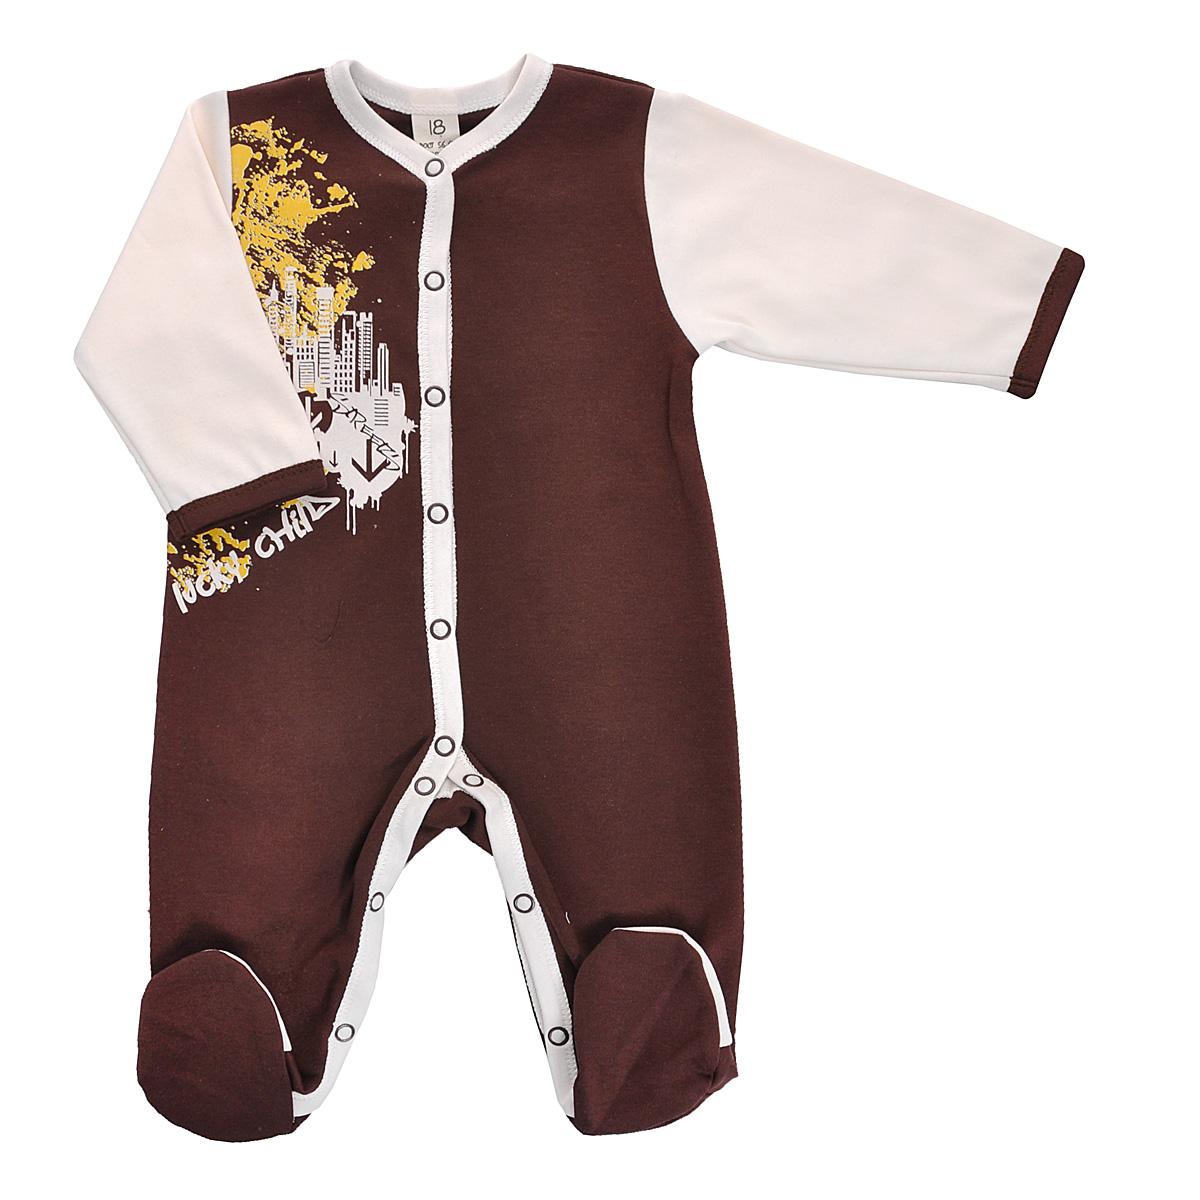 Комбинезон домашний16-1Детский комбинезон Lucky Child - очень удобный и практичный вид одежды для малышей. Комбинезон выполнен из натурального хлопка, благодаря чему он необычайно мягкий и приятный на ощупь, не раздражает нежную кожу ребенка и хорошо вентилируется, а эластичные швы приятны телу малыша и не препятствуют его движениям. Комбинезон с длинными рукавами и закрытыми ножками имеет застежки-кнопки от горловины до щиколоток, которые помогают легко переодеть младенца или сменить подгузник. Оформлена модель оригинальны принтом. С детским комбинезоном Lucky Child спинка и ножки вашего малыша всегда будут в тепле, он идеален для использования днем и незаменим ночью. Комбинезон полностью соответствует особенностям жизни младенца в ранний период, не стесняя и не ограничивая его в движениях!